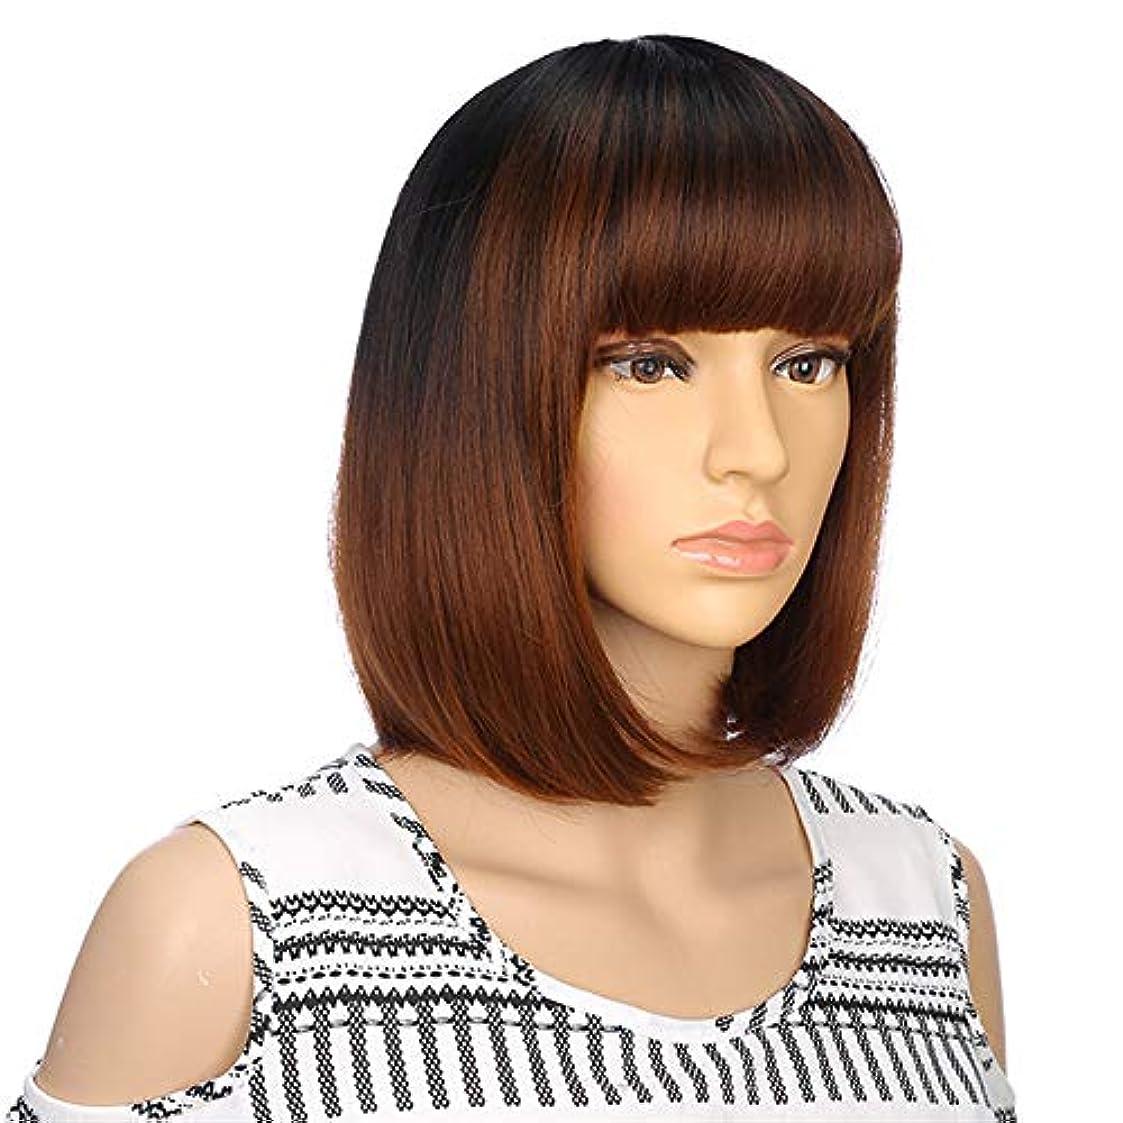 子供達囲まれた適格ヘアエクステンション合成ブラウンストレートウィッグ女性用前髪長ボブヘアウィッグ耐熱ヘアスタイルコスプレウィッグ13インチ